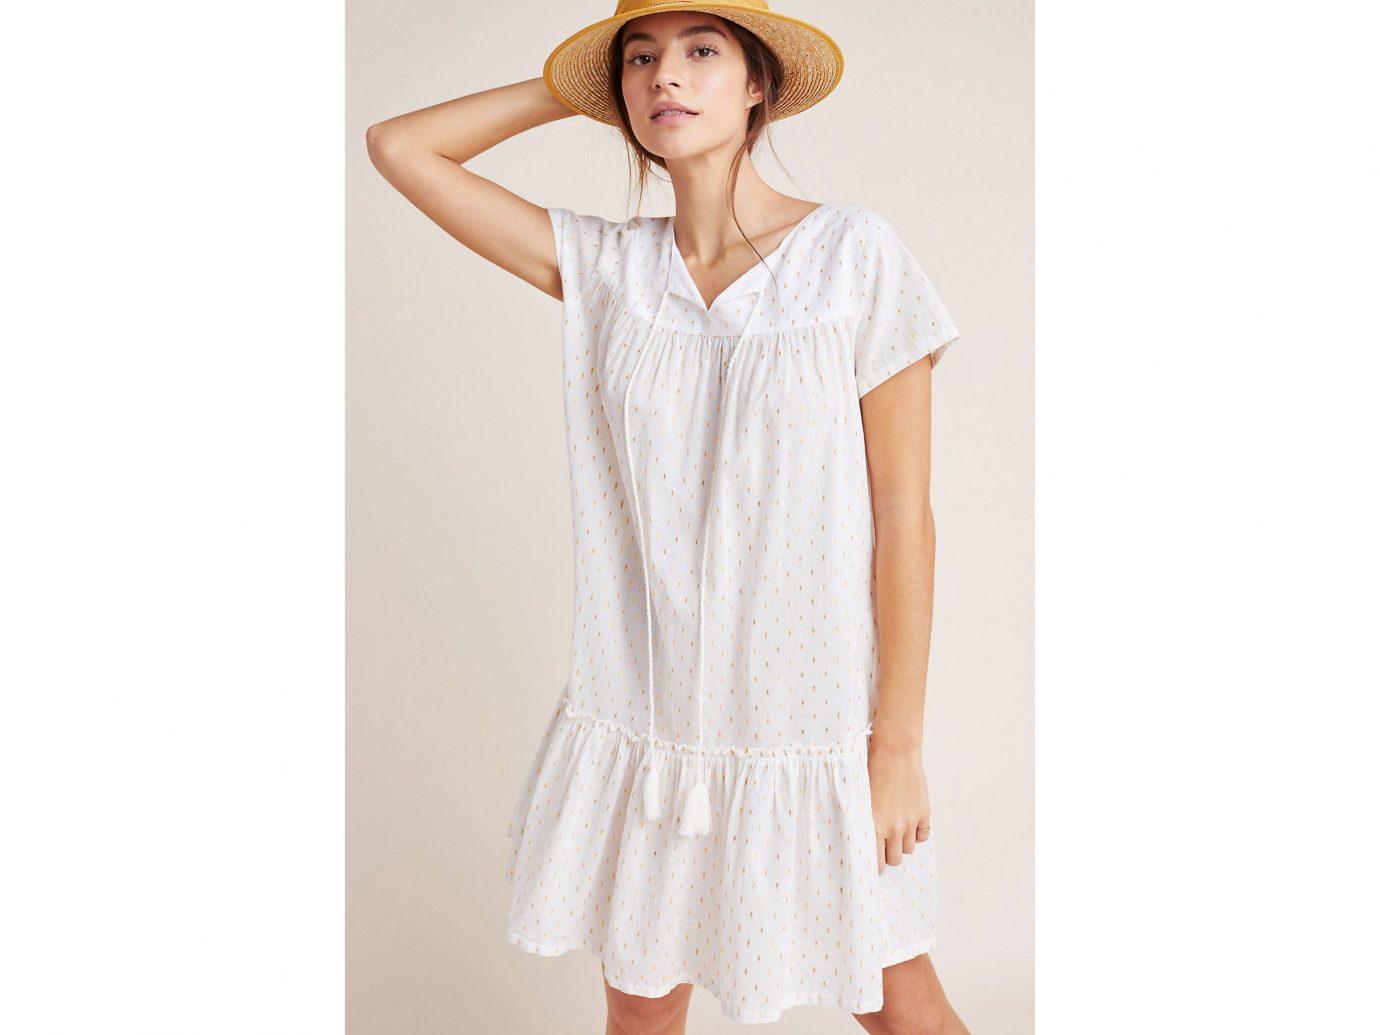 Starmella Ora Cover-Up Dress